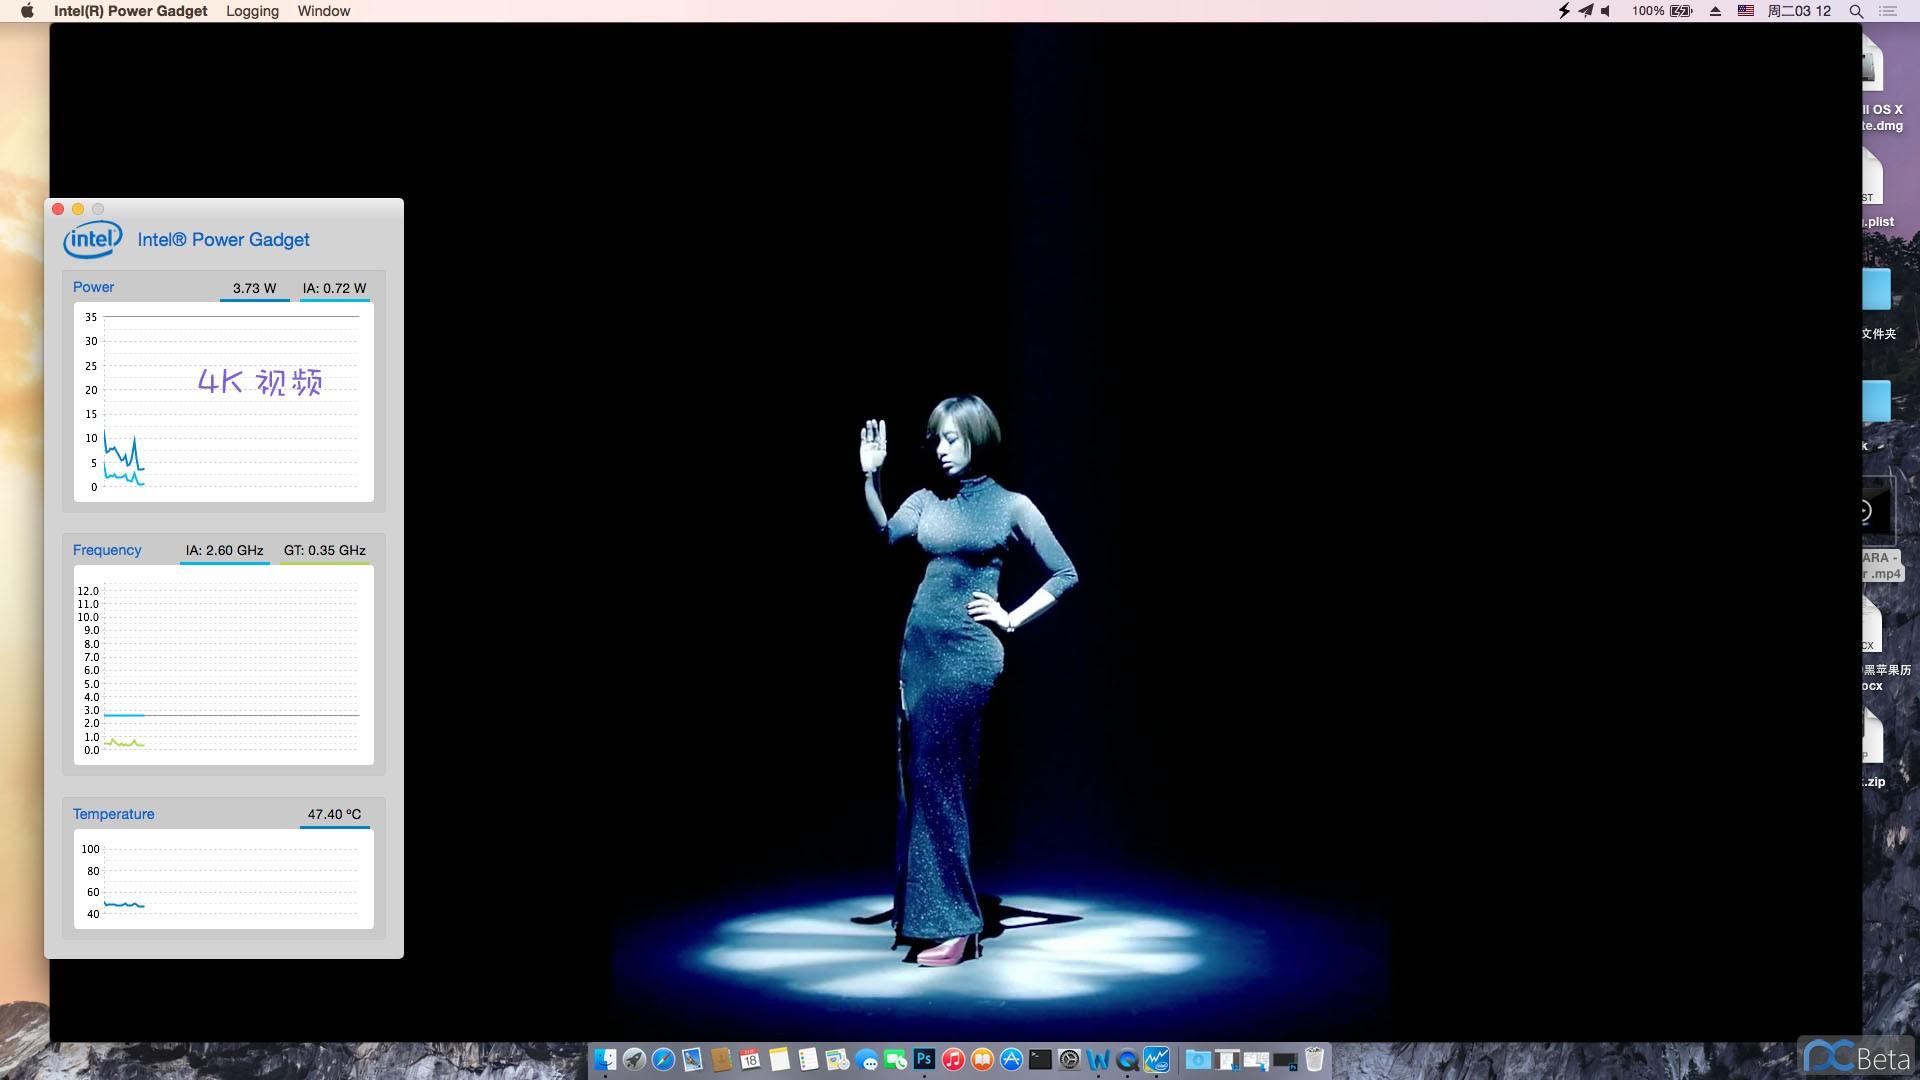 屏幕快照 2014-11-18 上午3.12.36 拷贝.jpg